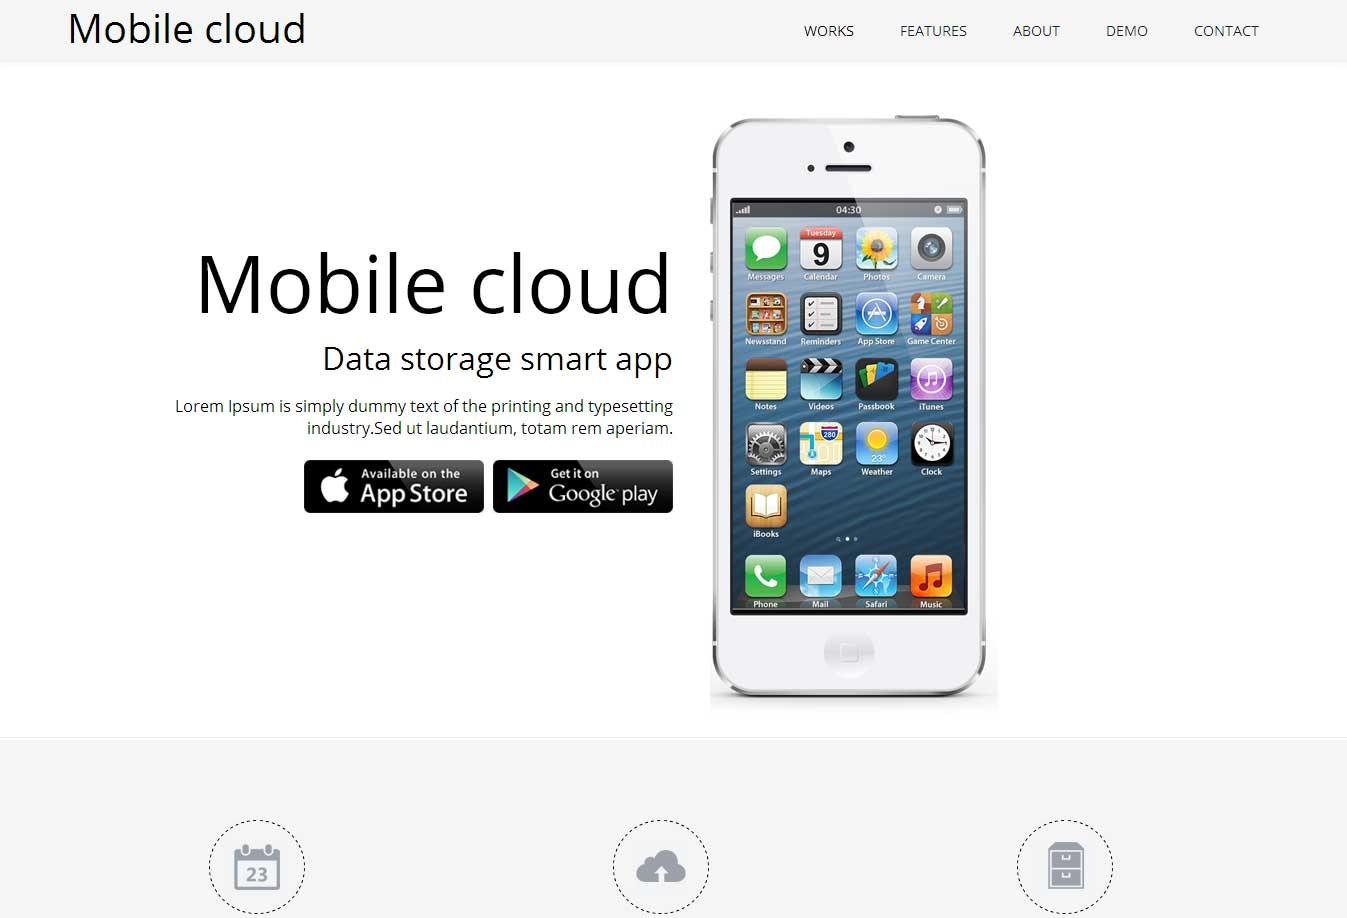 南昌网站设计手机云免费网站模板案例图片